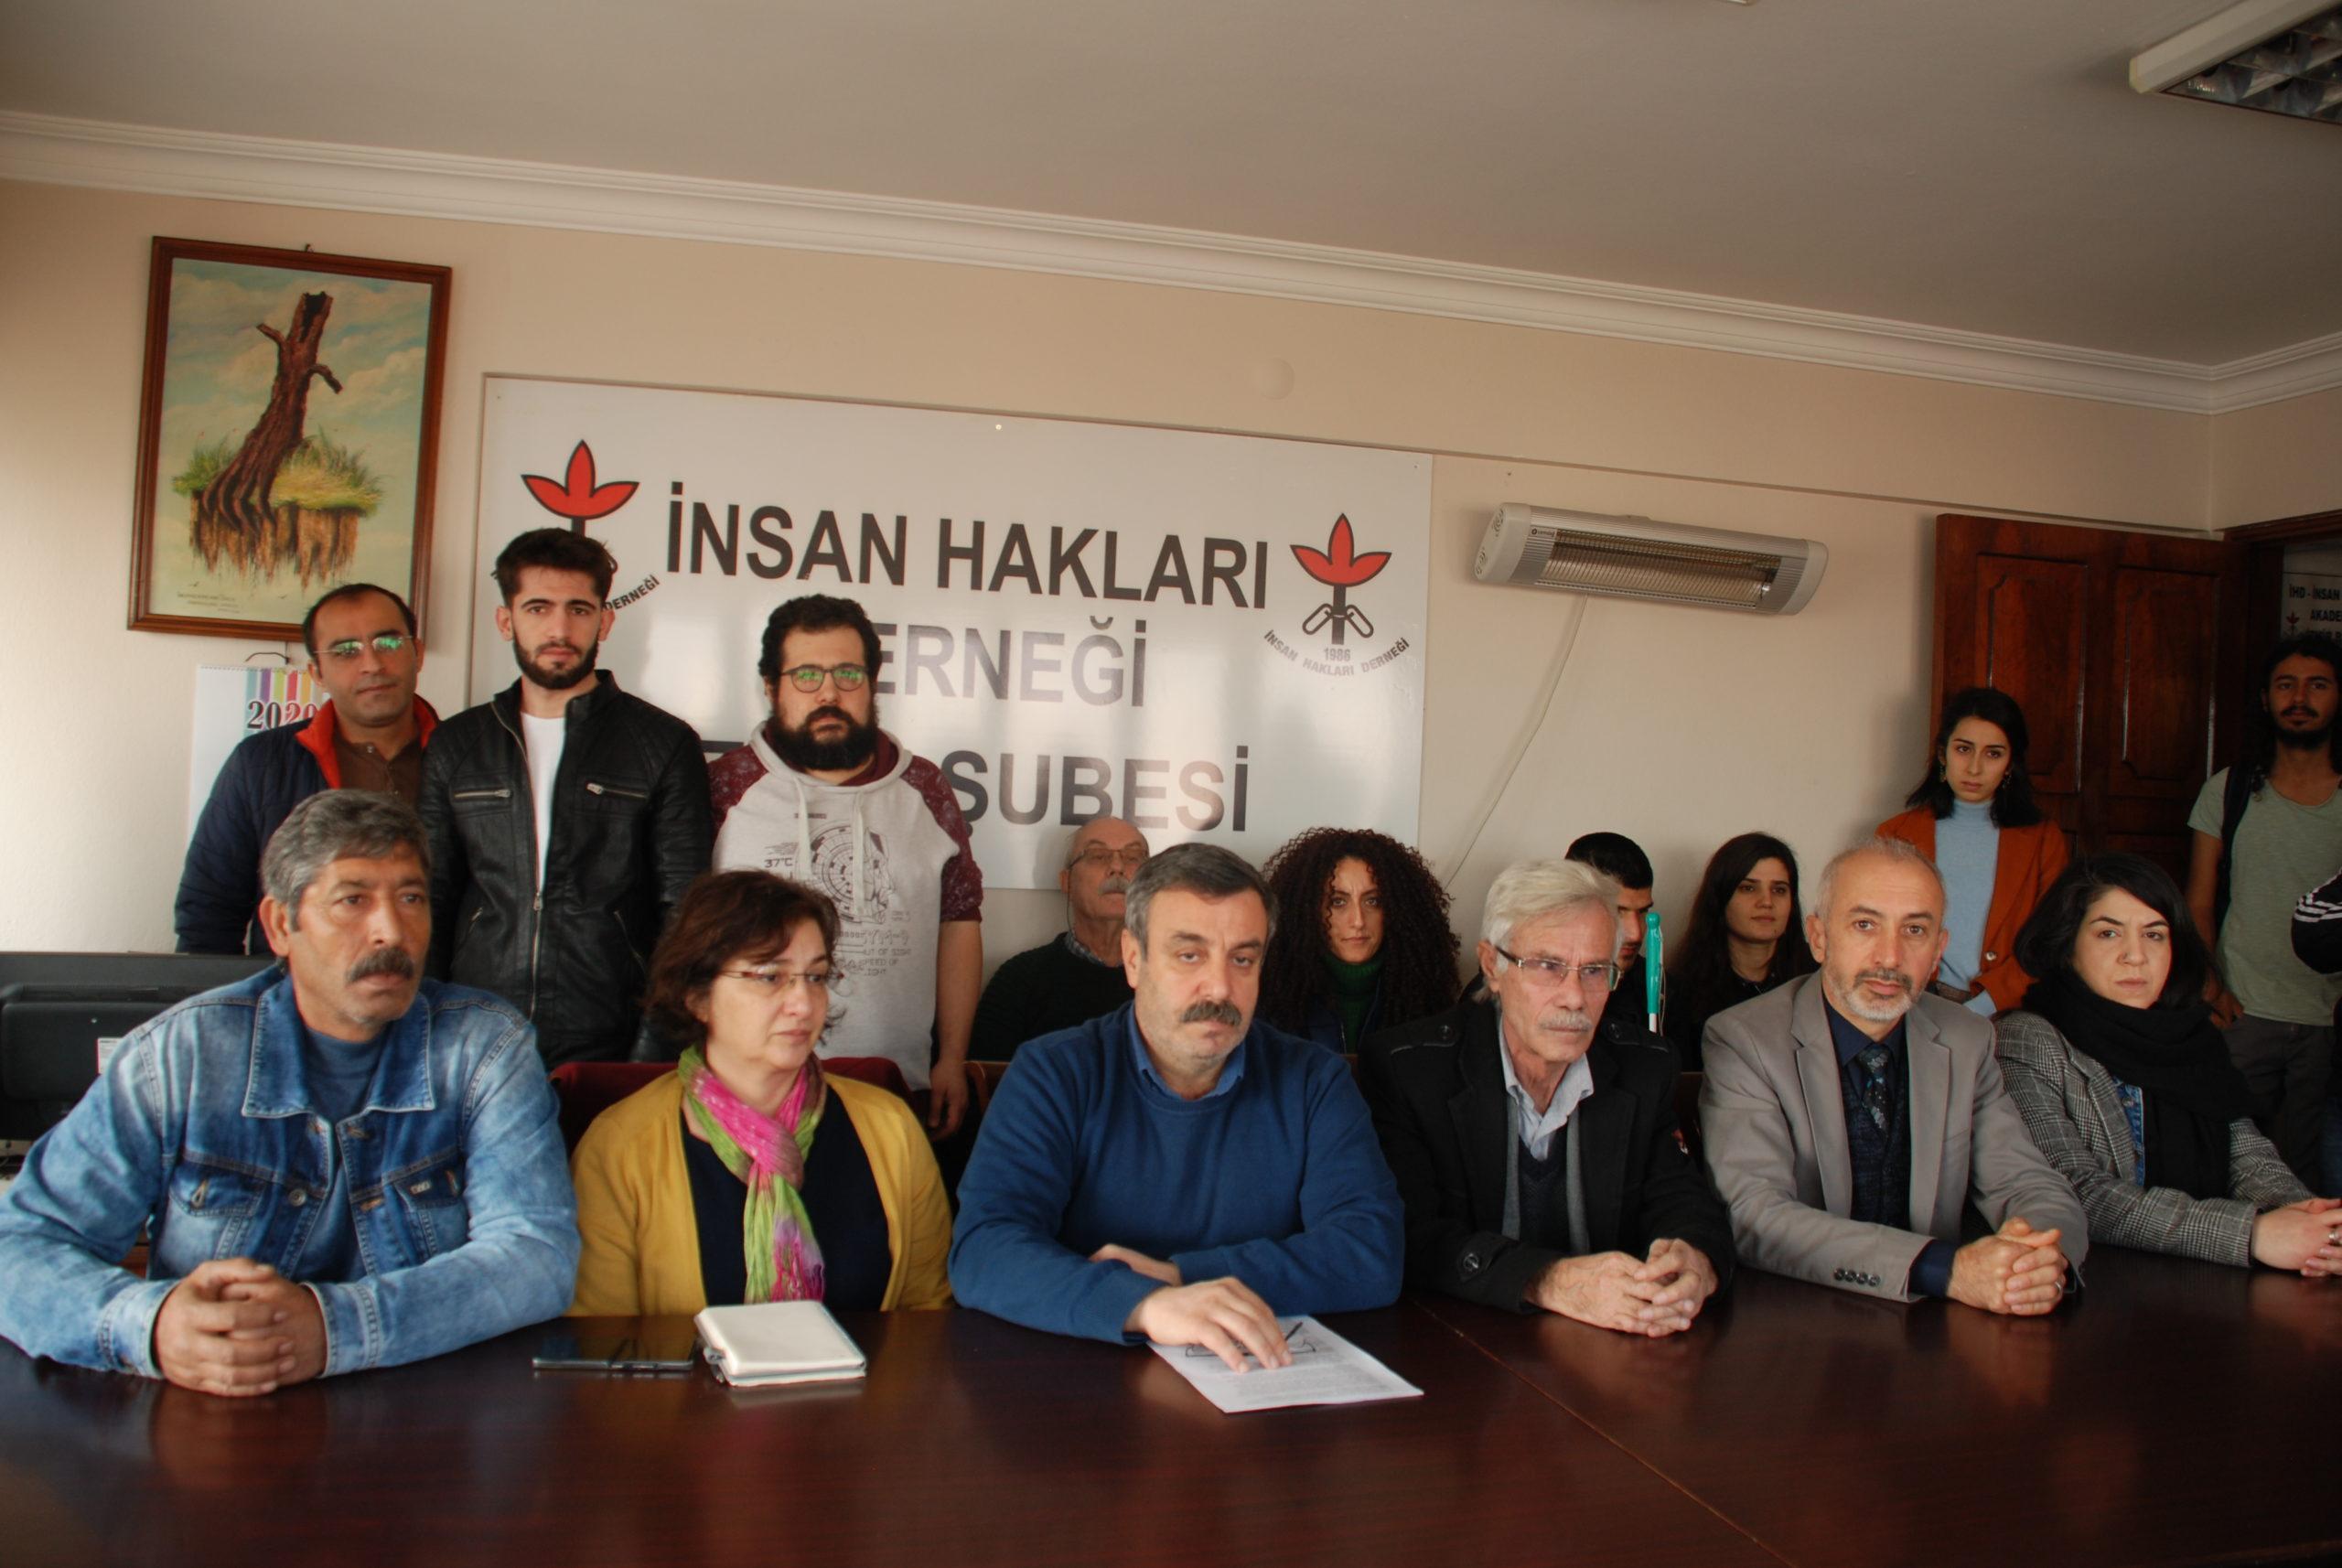 Mülteciler İçin 'İltica Hakkı ve Statü' Çağrısı!